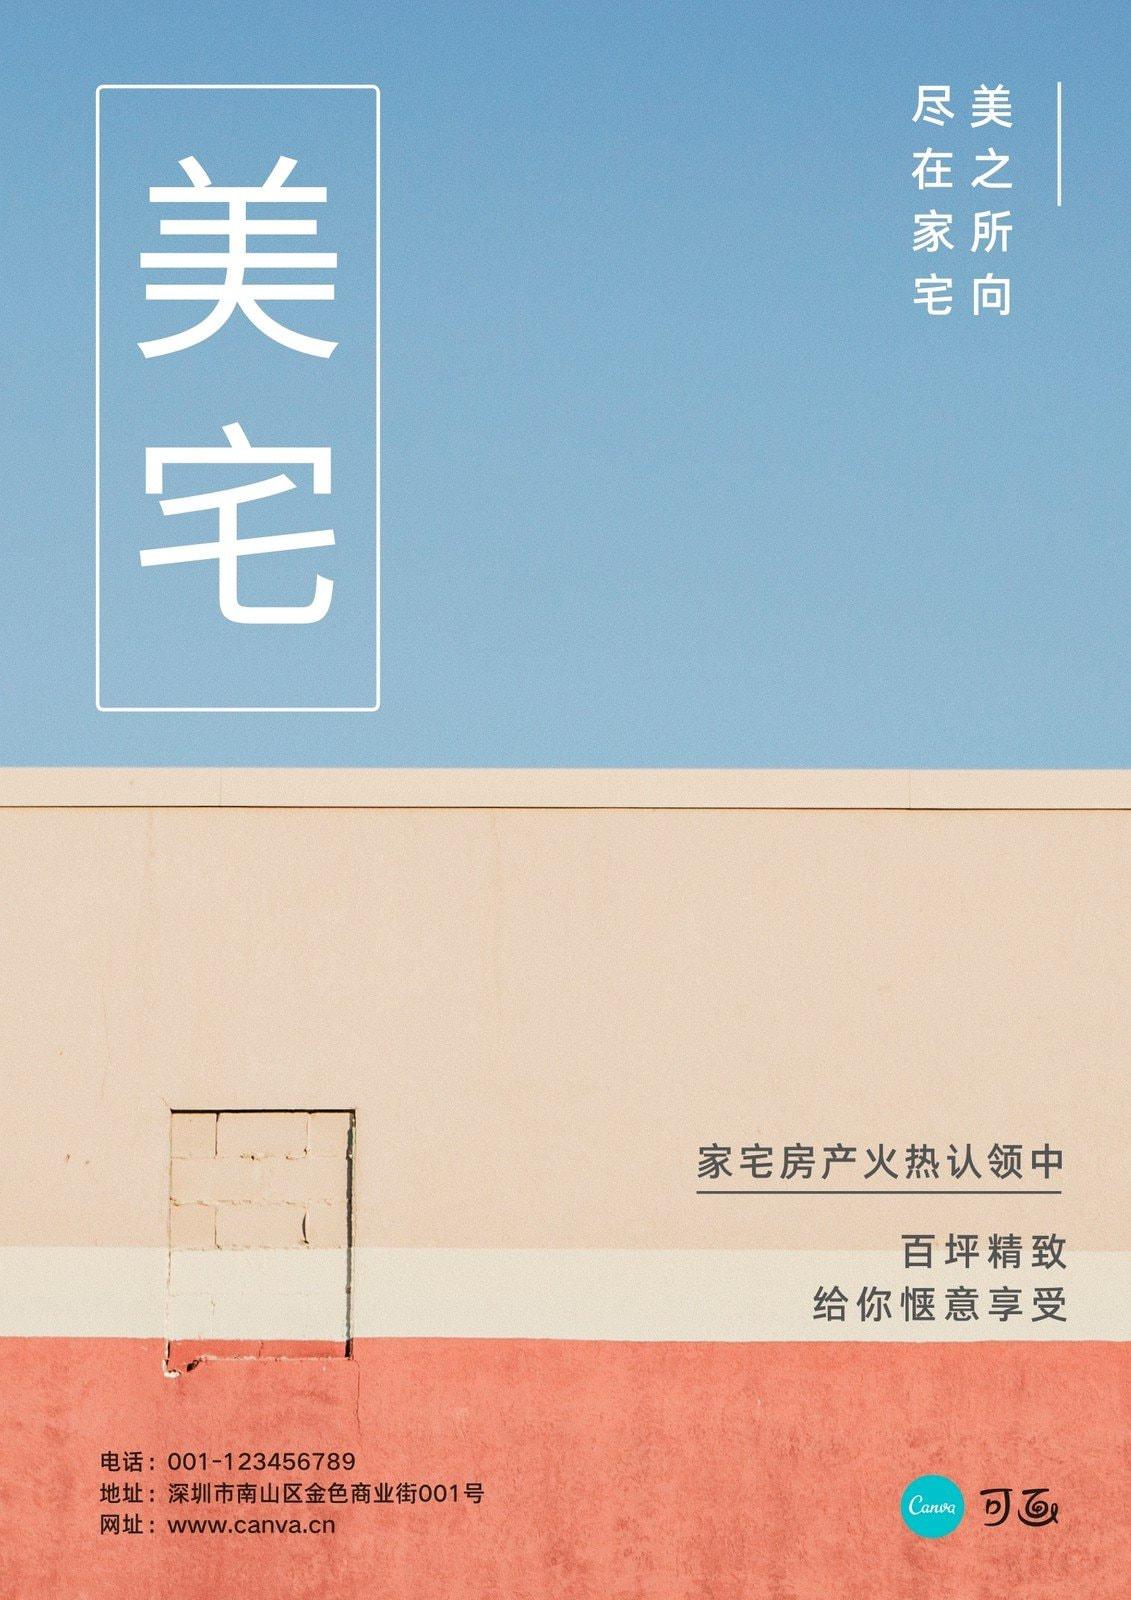 黄蓝色天空简约房地产促销中文海报